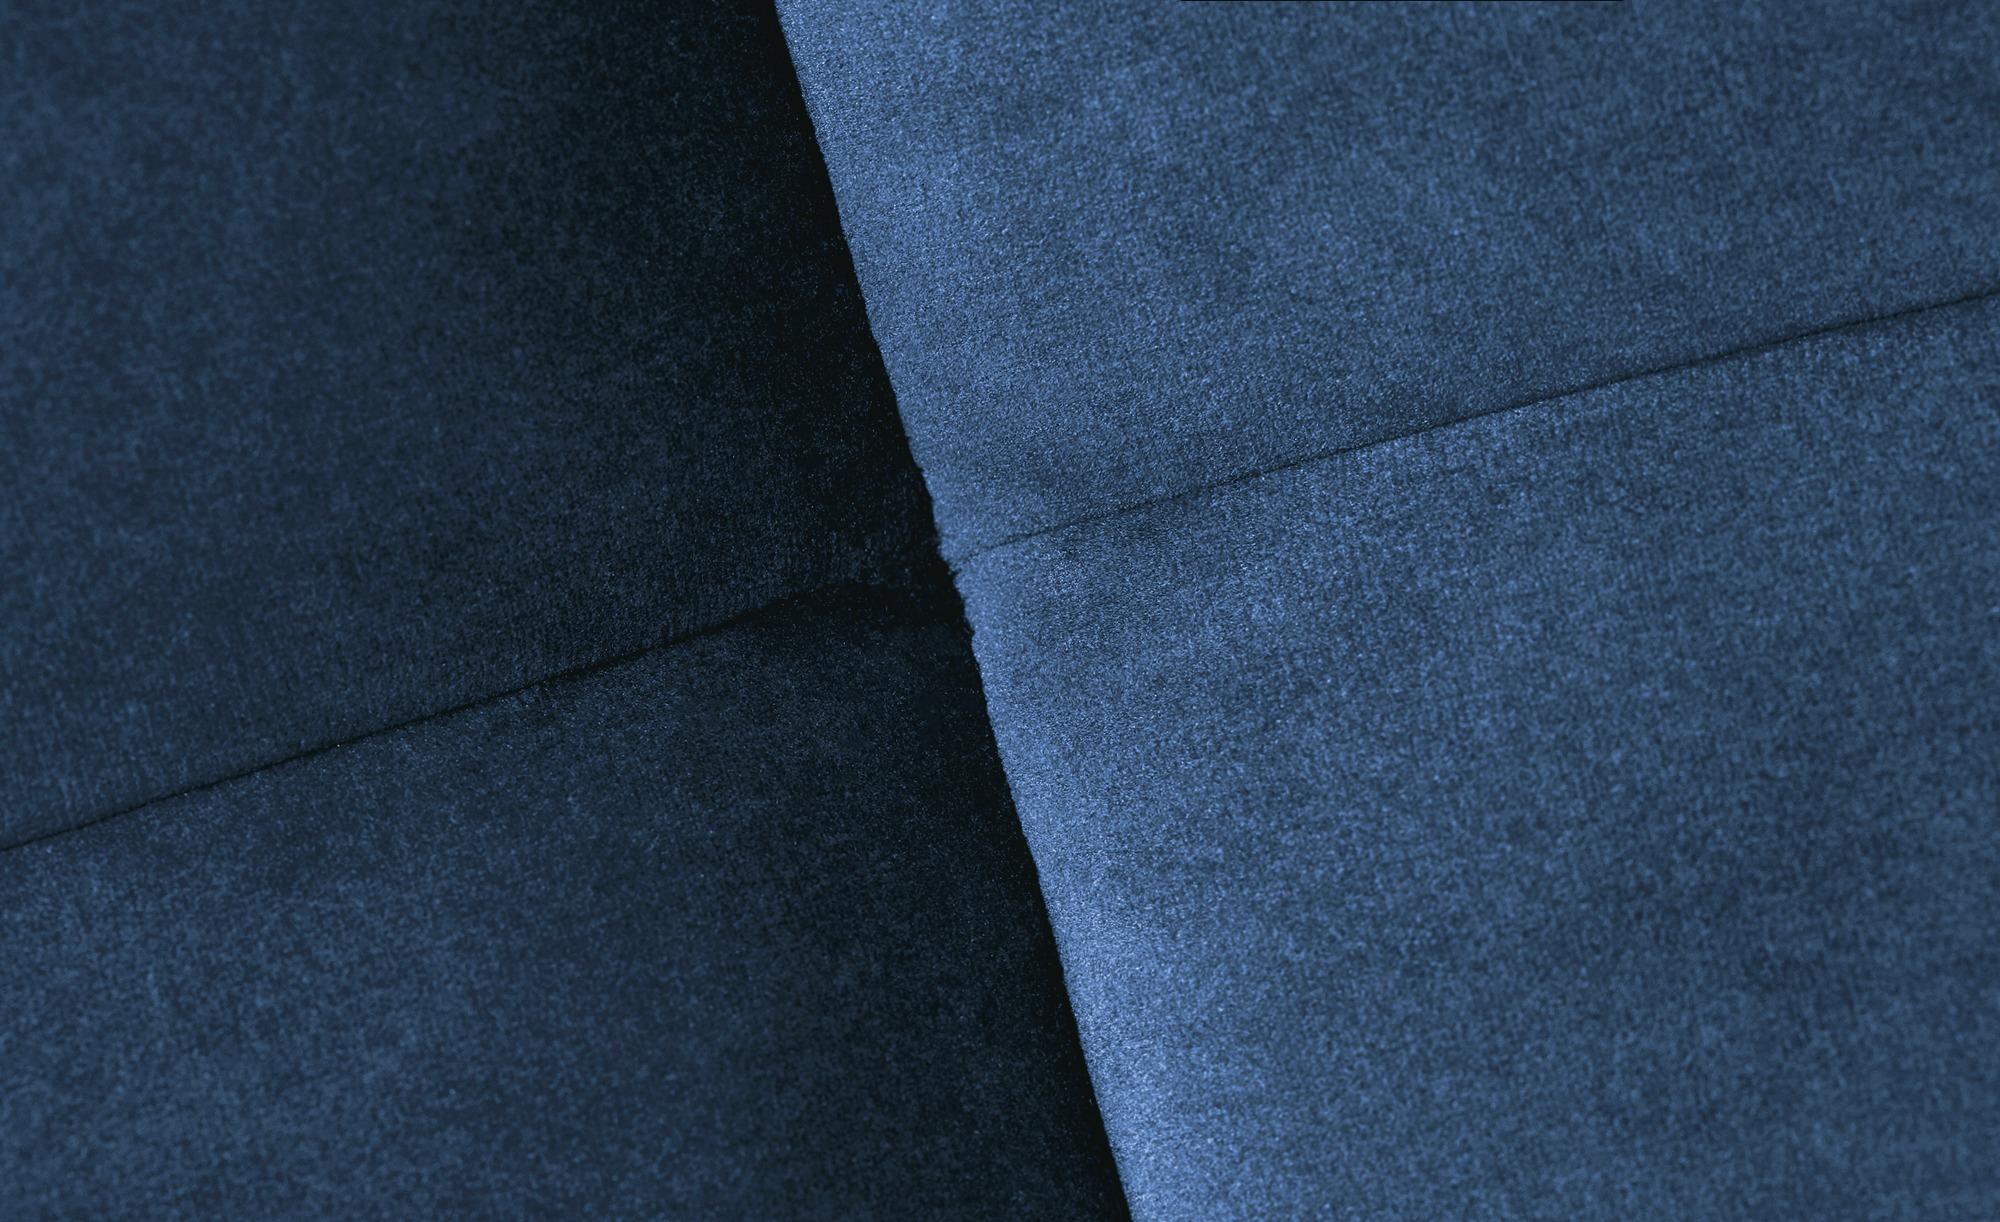 uno Wohnlandschaft  Orion ¦ blau ¦ Maße (cm): H: 70 Polstermöbel > Sofas > Wohnlandschaften - Höffner